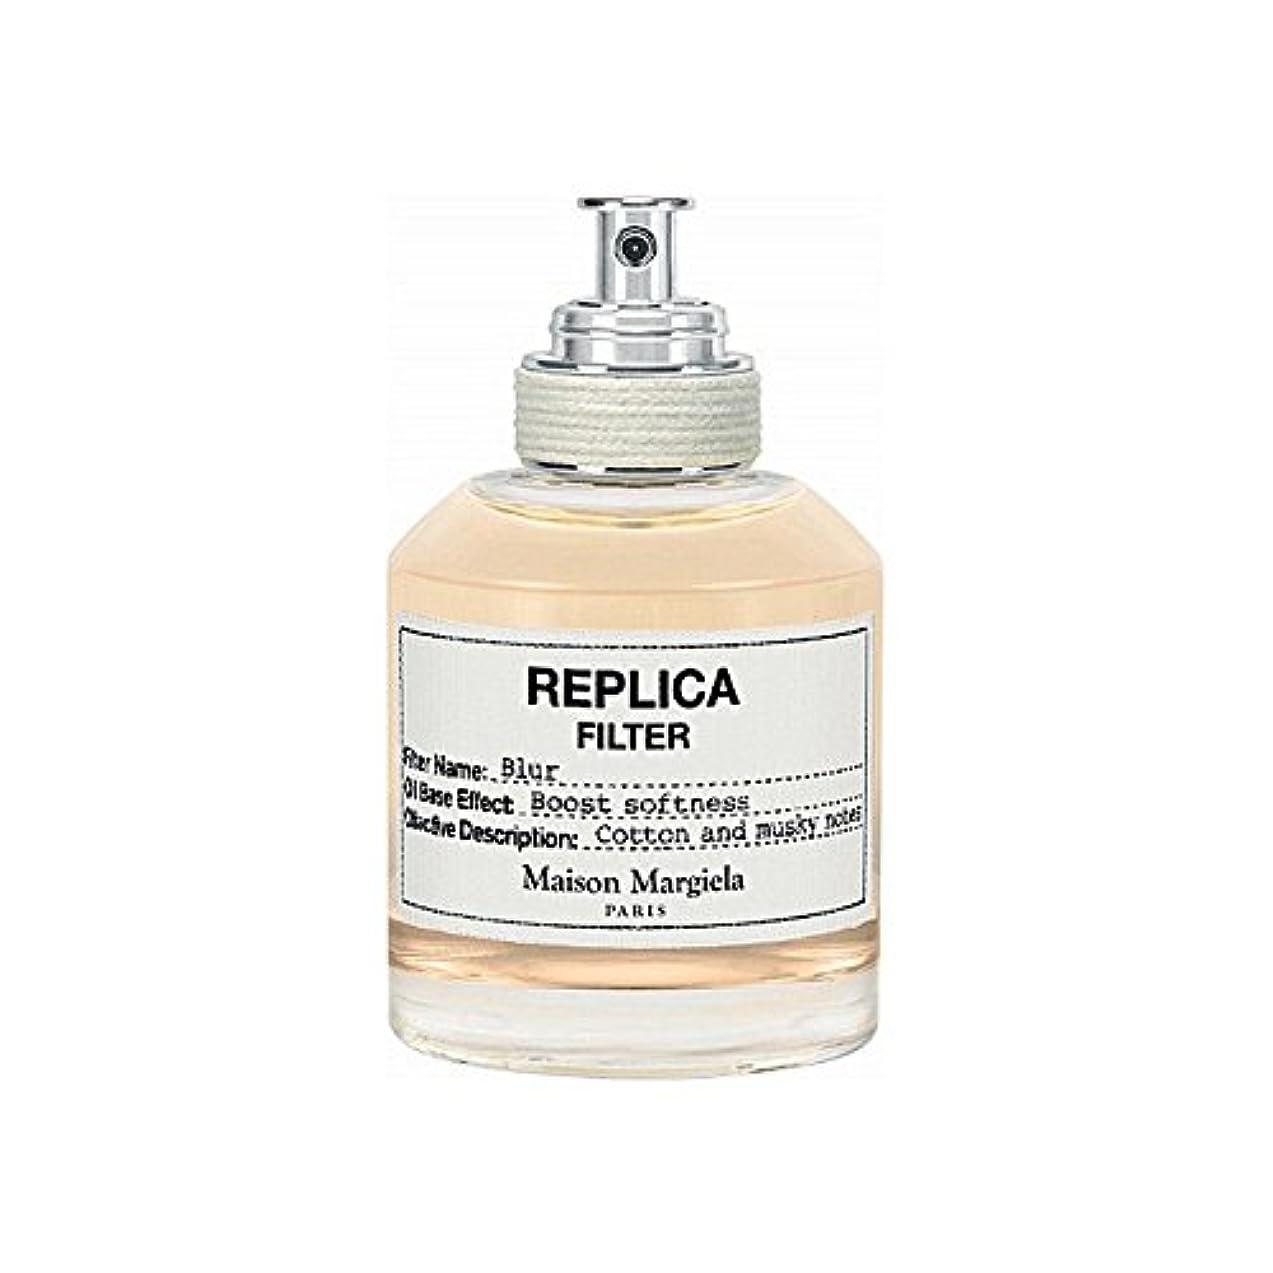 カッター嫌な不器用Maison Margiela Blur Replica Filter 50ml - メゾンマルジェラのぼかしレプリカフィルタ50ミリリットル [並行輸入品]